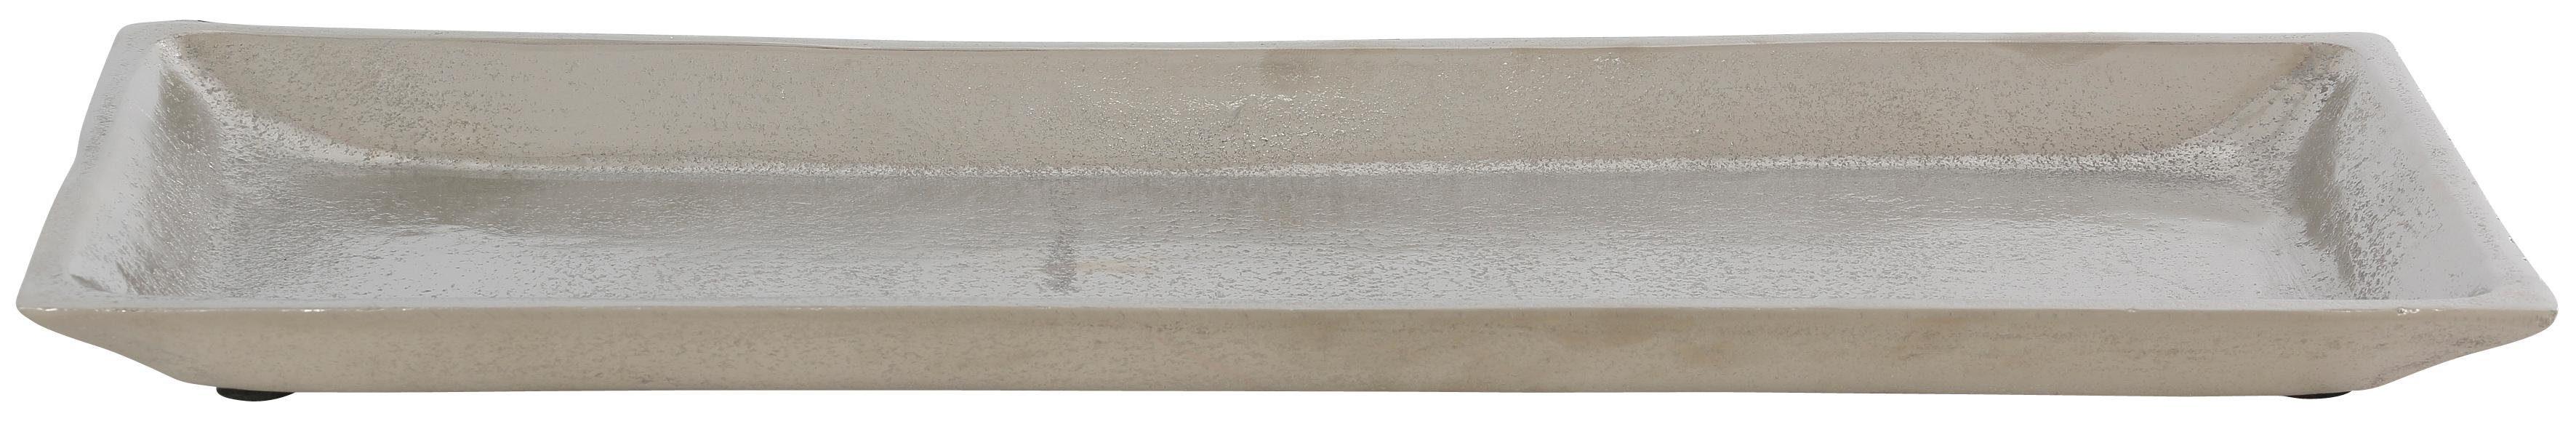 Deko-Schale aus Aluminium